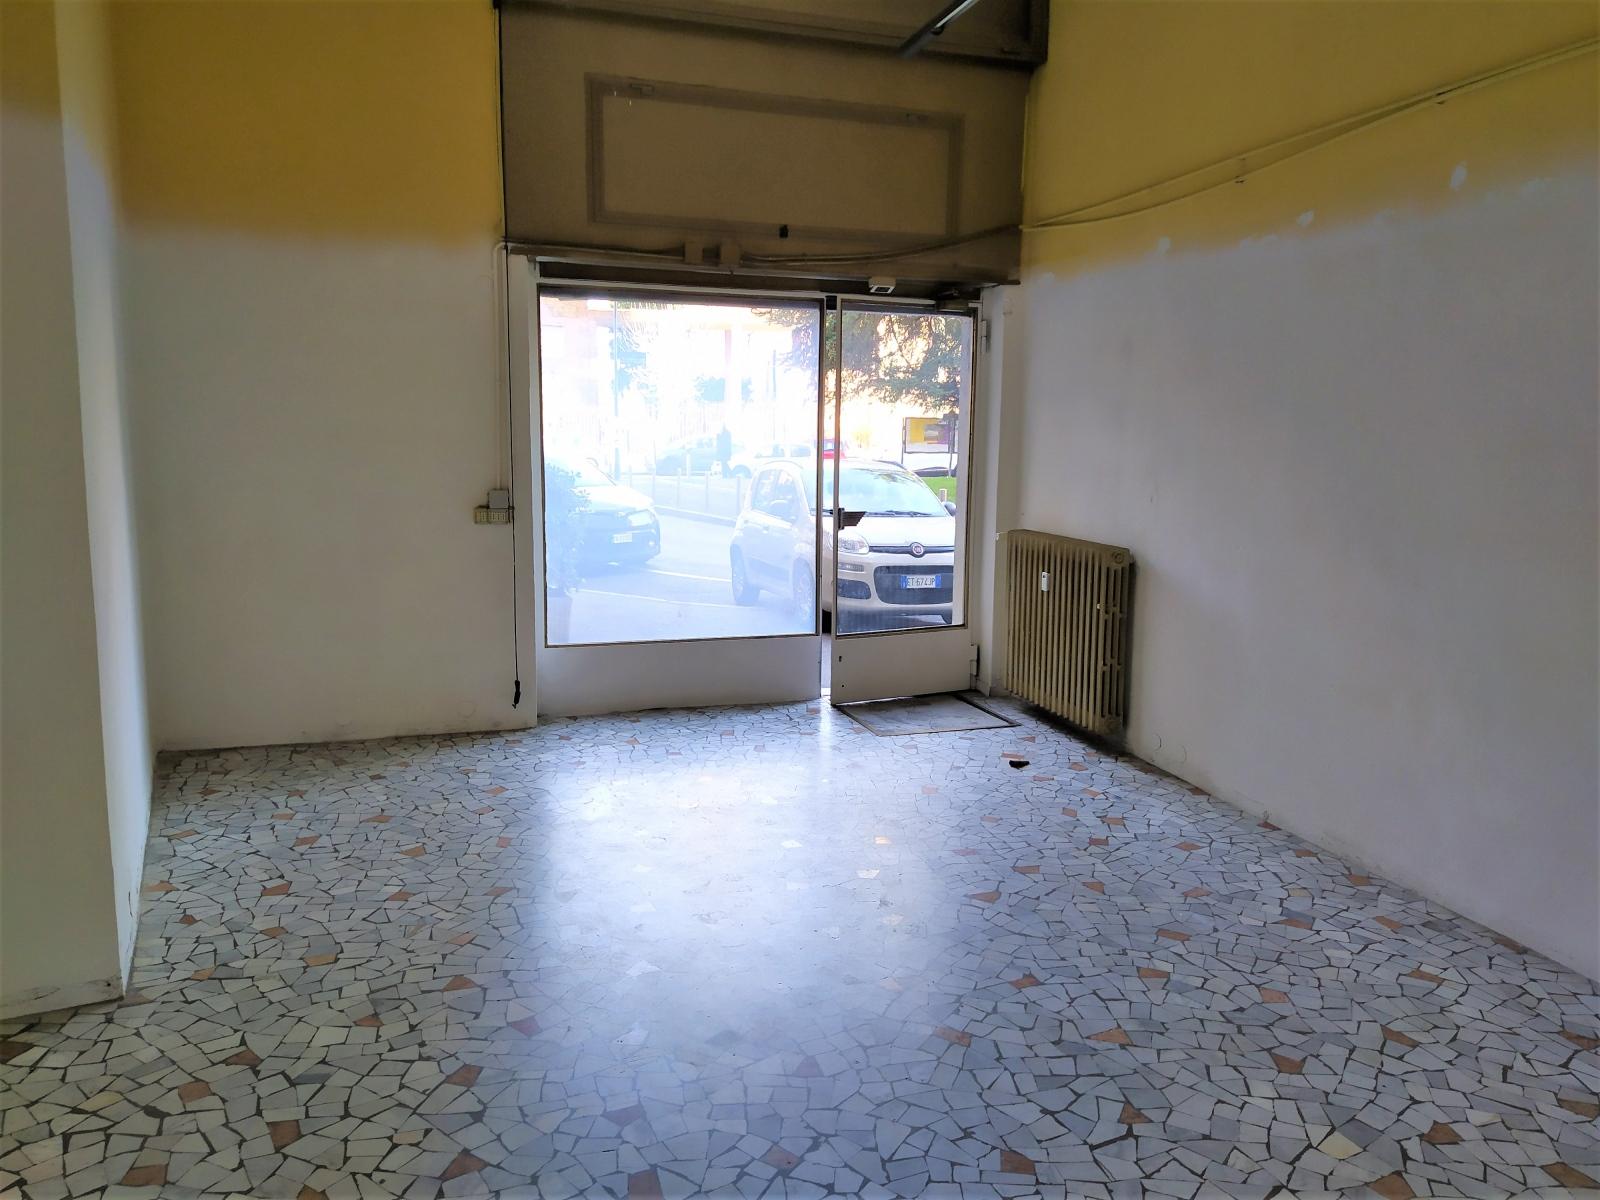 negozio-ufficio-in-affitto-via-cabella-baggio-milano-spaziourbano-immobiliare-dove-trovi-casa-commerciale-11